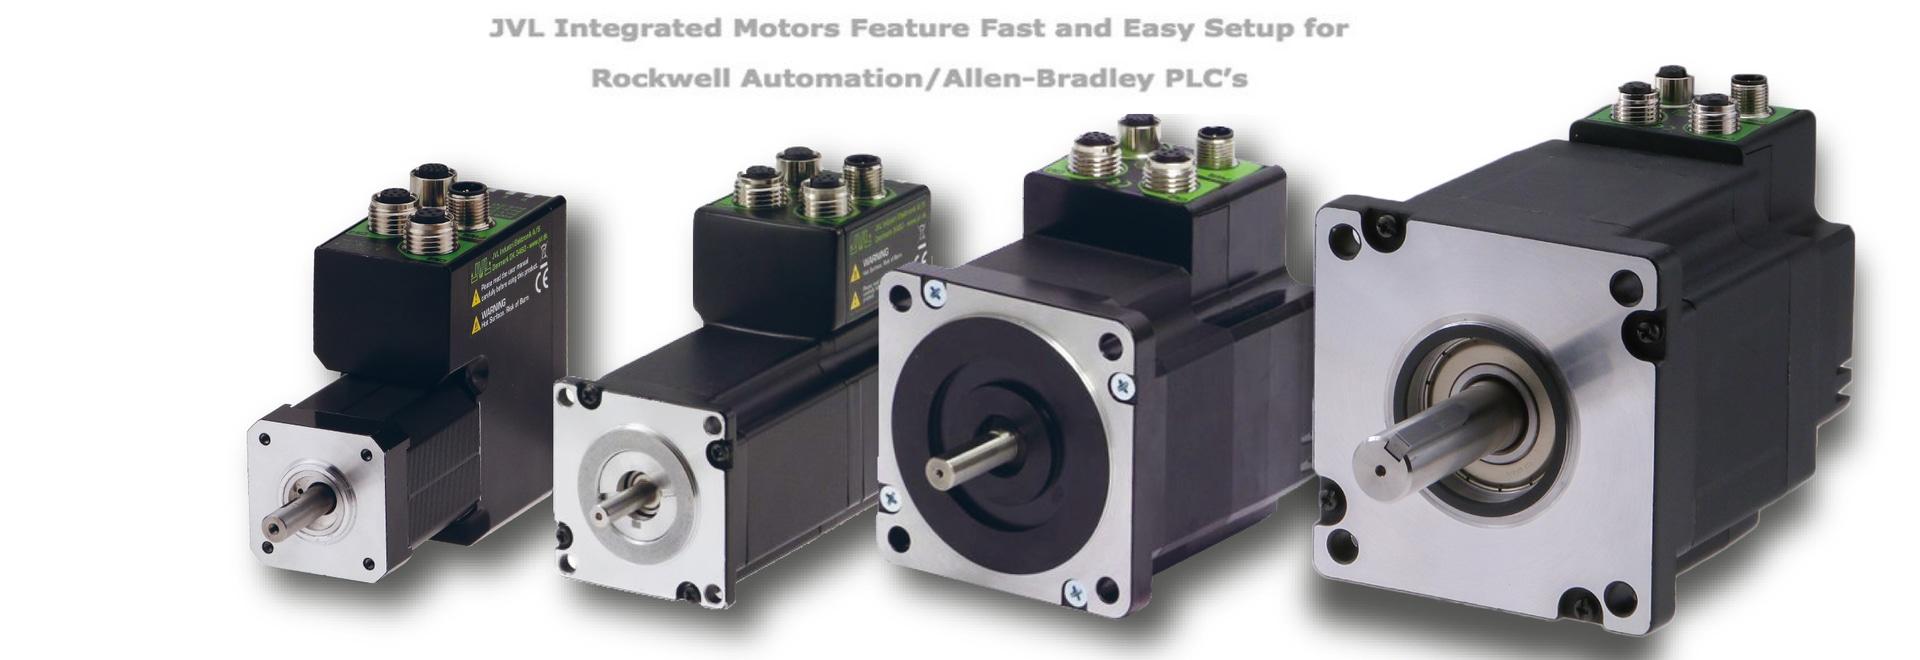 Les moteurs intégrés JVL offrent une configuration simple et rapide pour les automates Rockwell Automation/Allen-Bradley